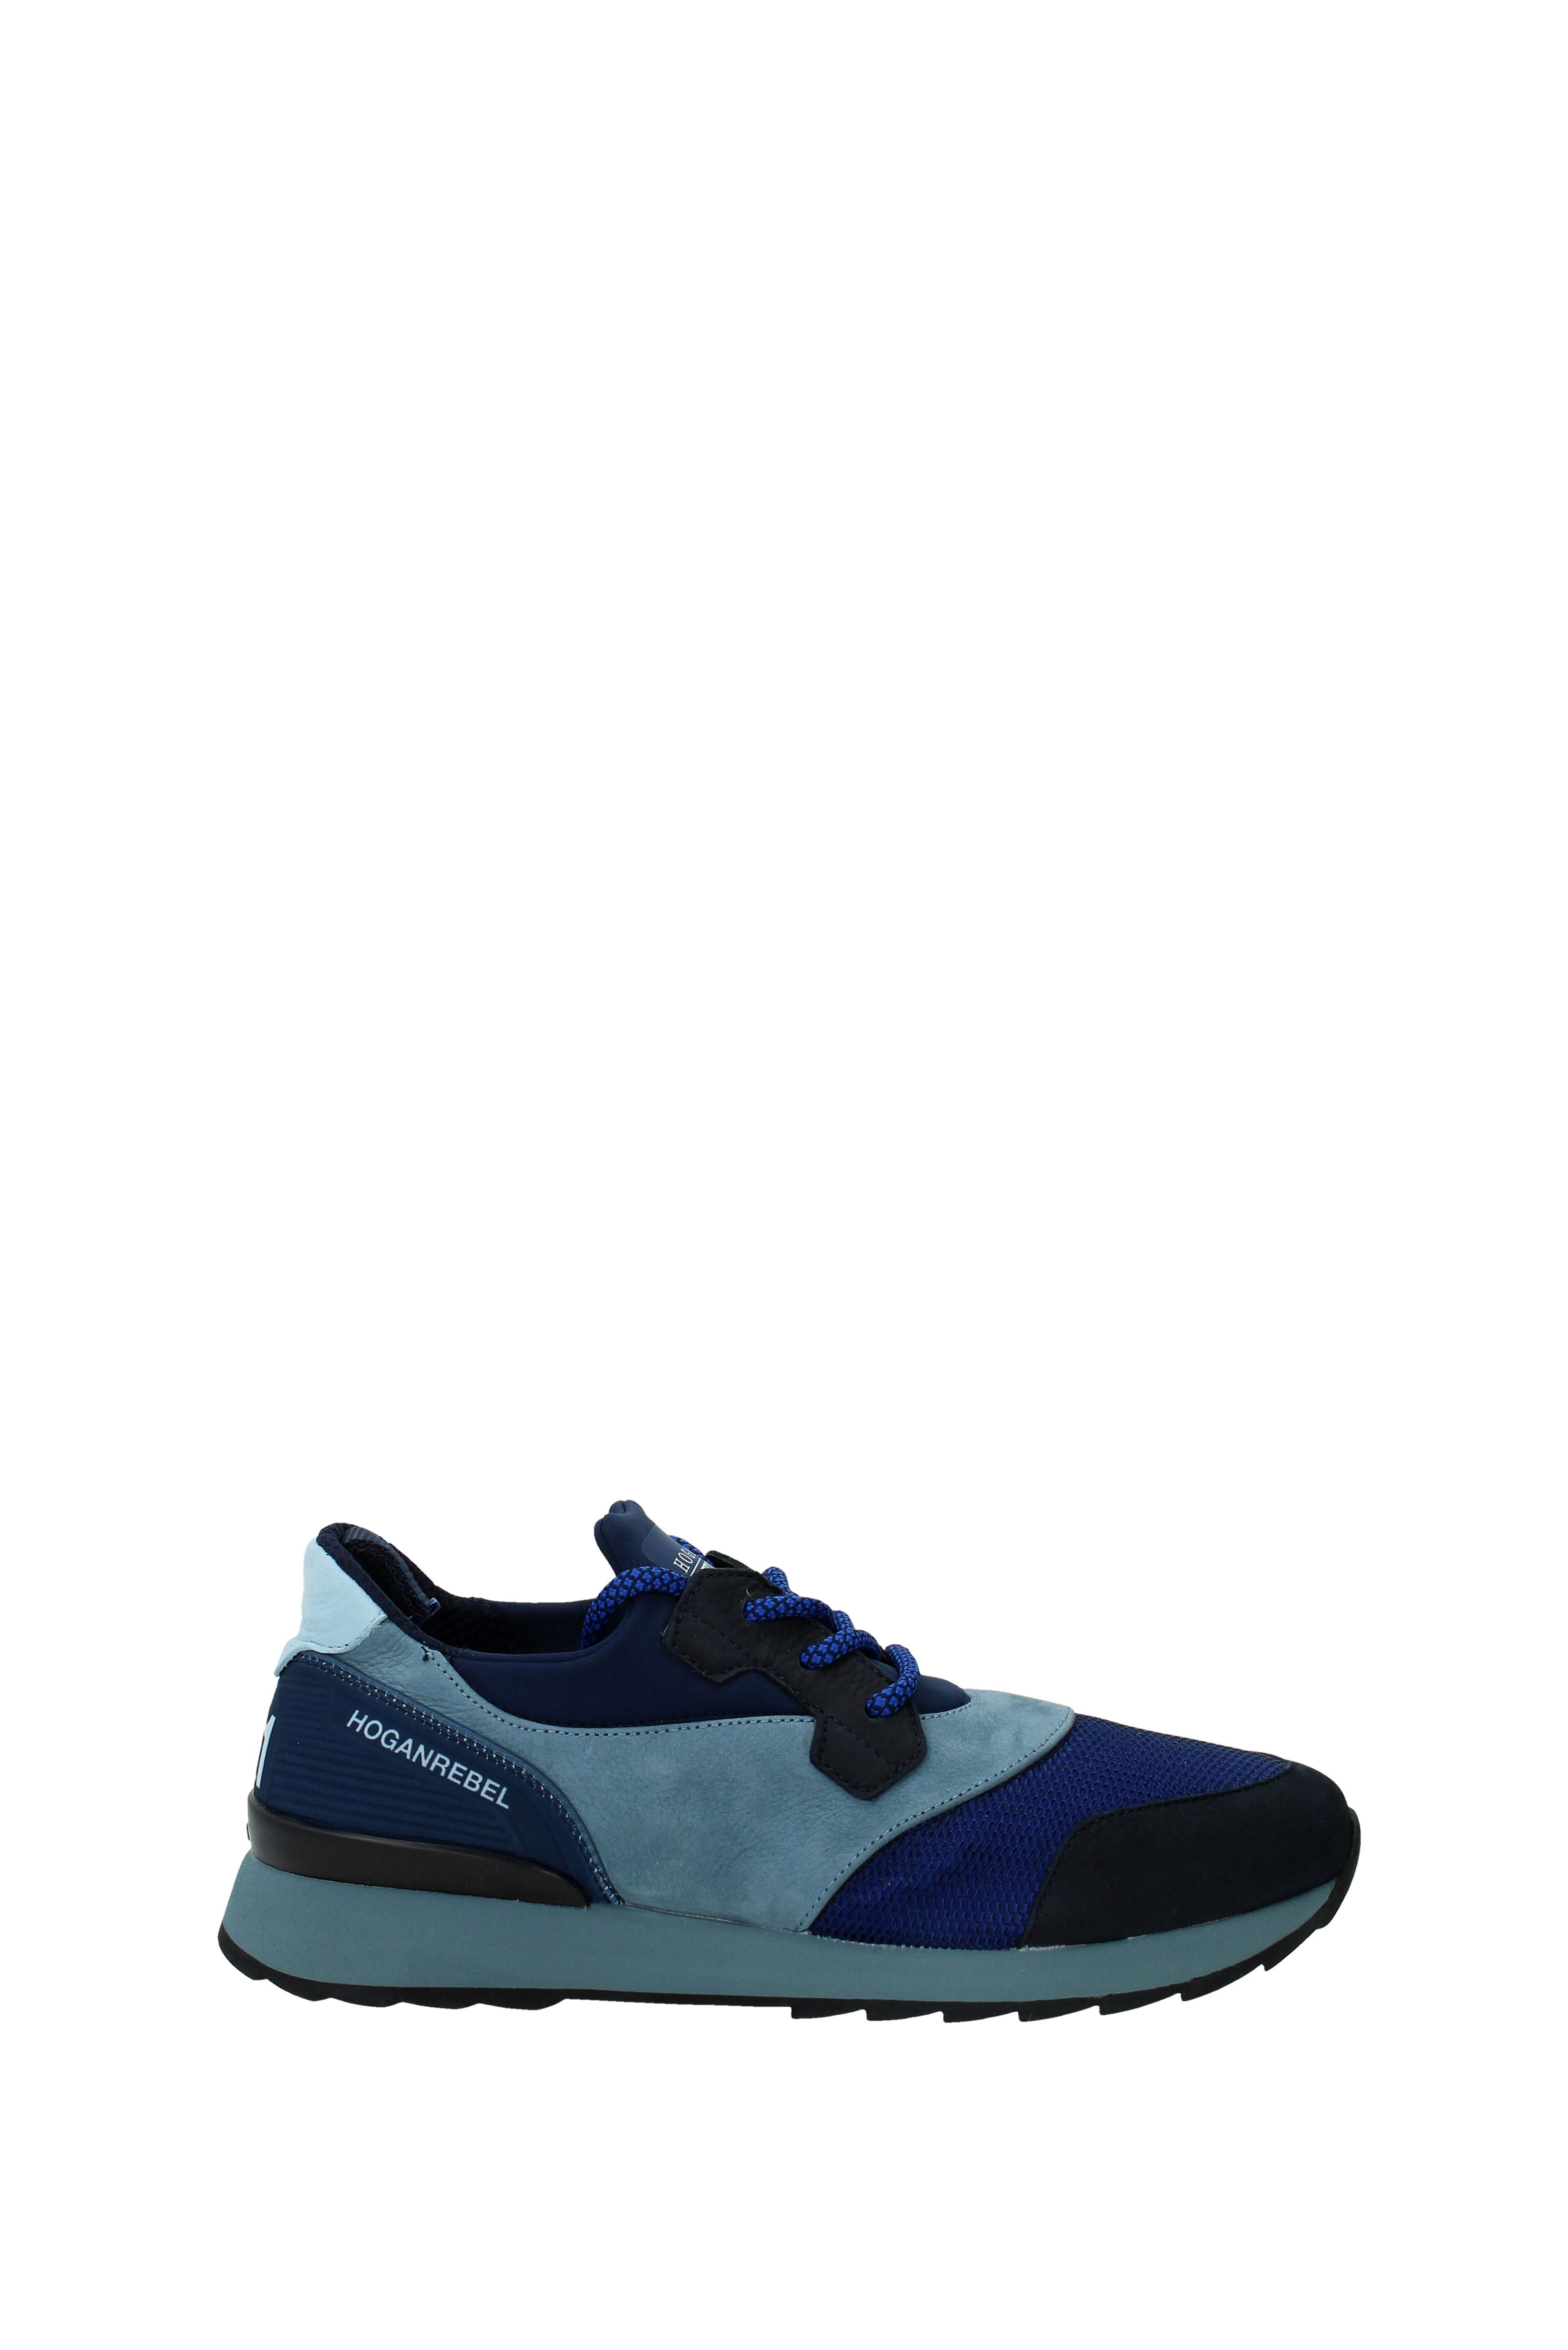 Sneakers Hogan rebel Herren - Wildleder (HXM2610U390FN7)